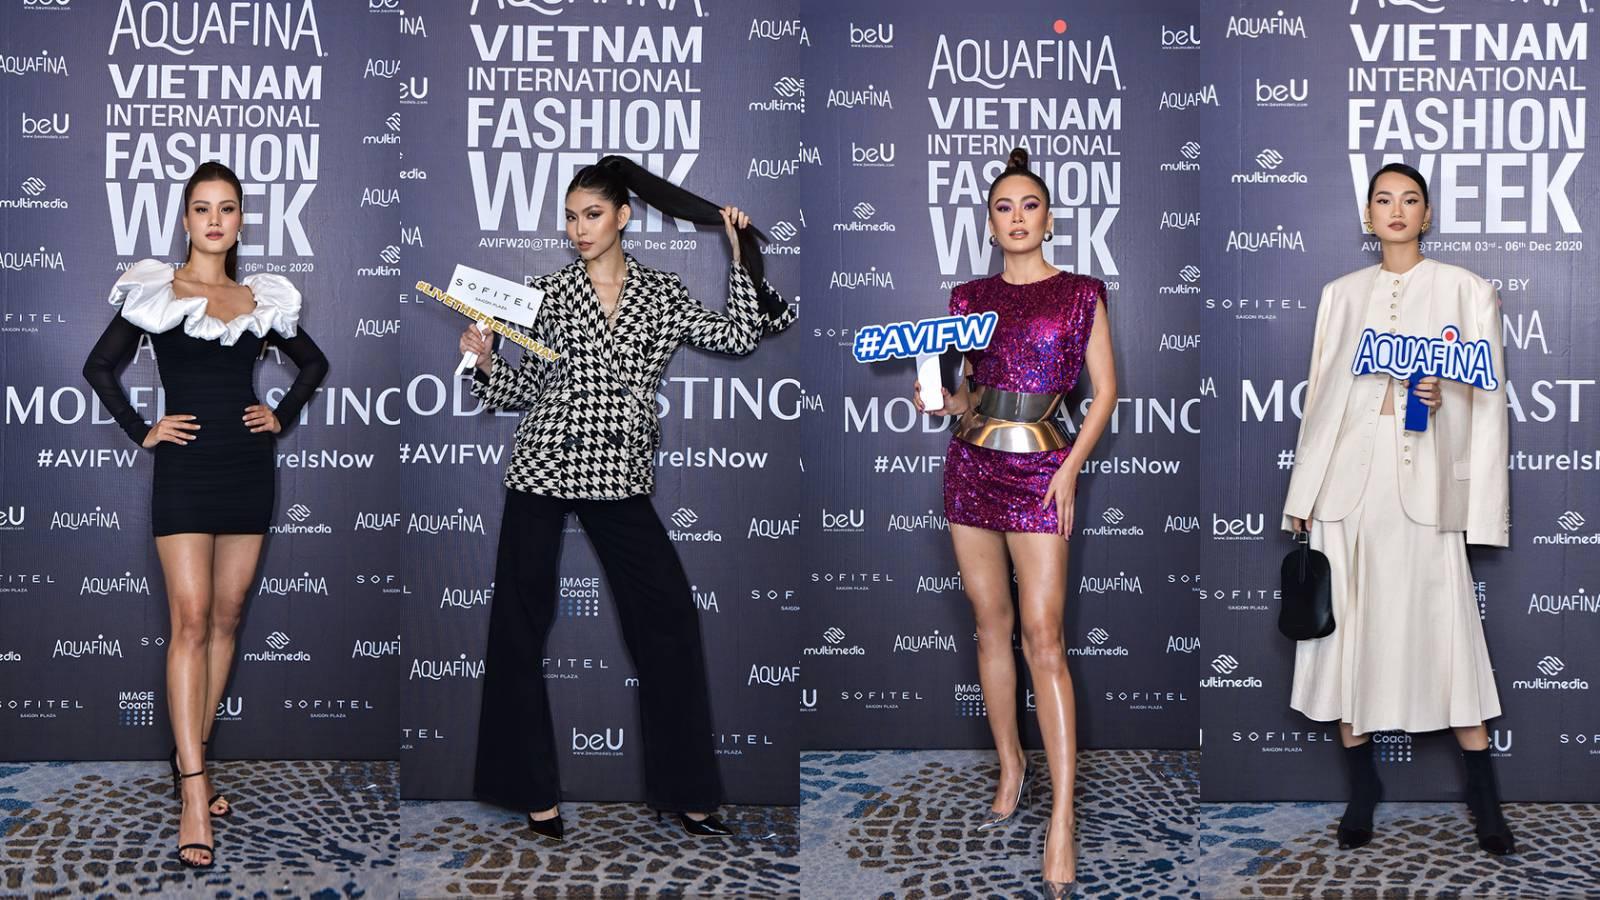 Đôi chân của Mâu Thủy chiếm chọn spotlight, lấn át cả quán quân Next Top Hương Ly tại buổi casting Tuần lễ thời trang Việt Nam 2020 - Ảnh 1.